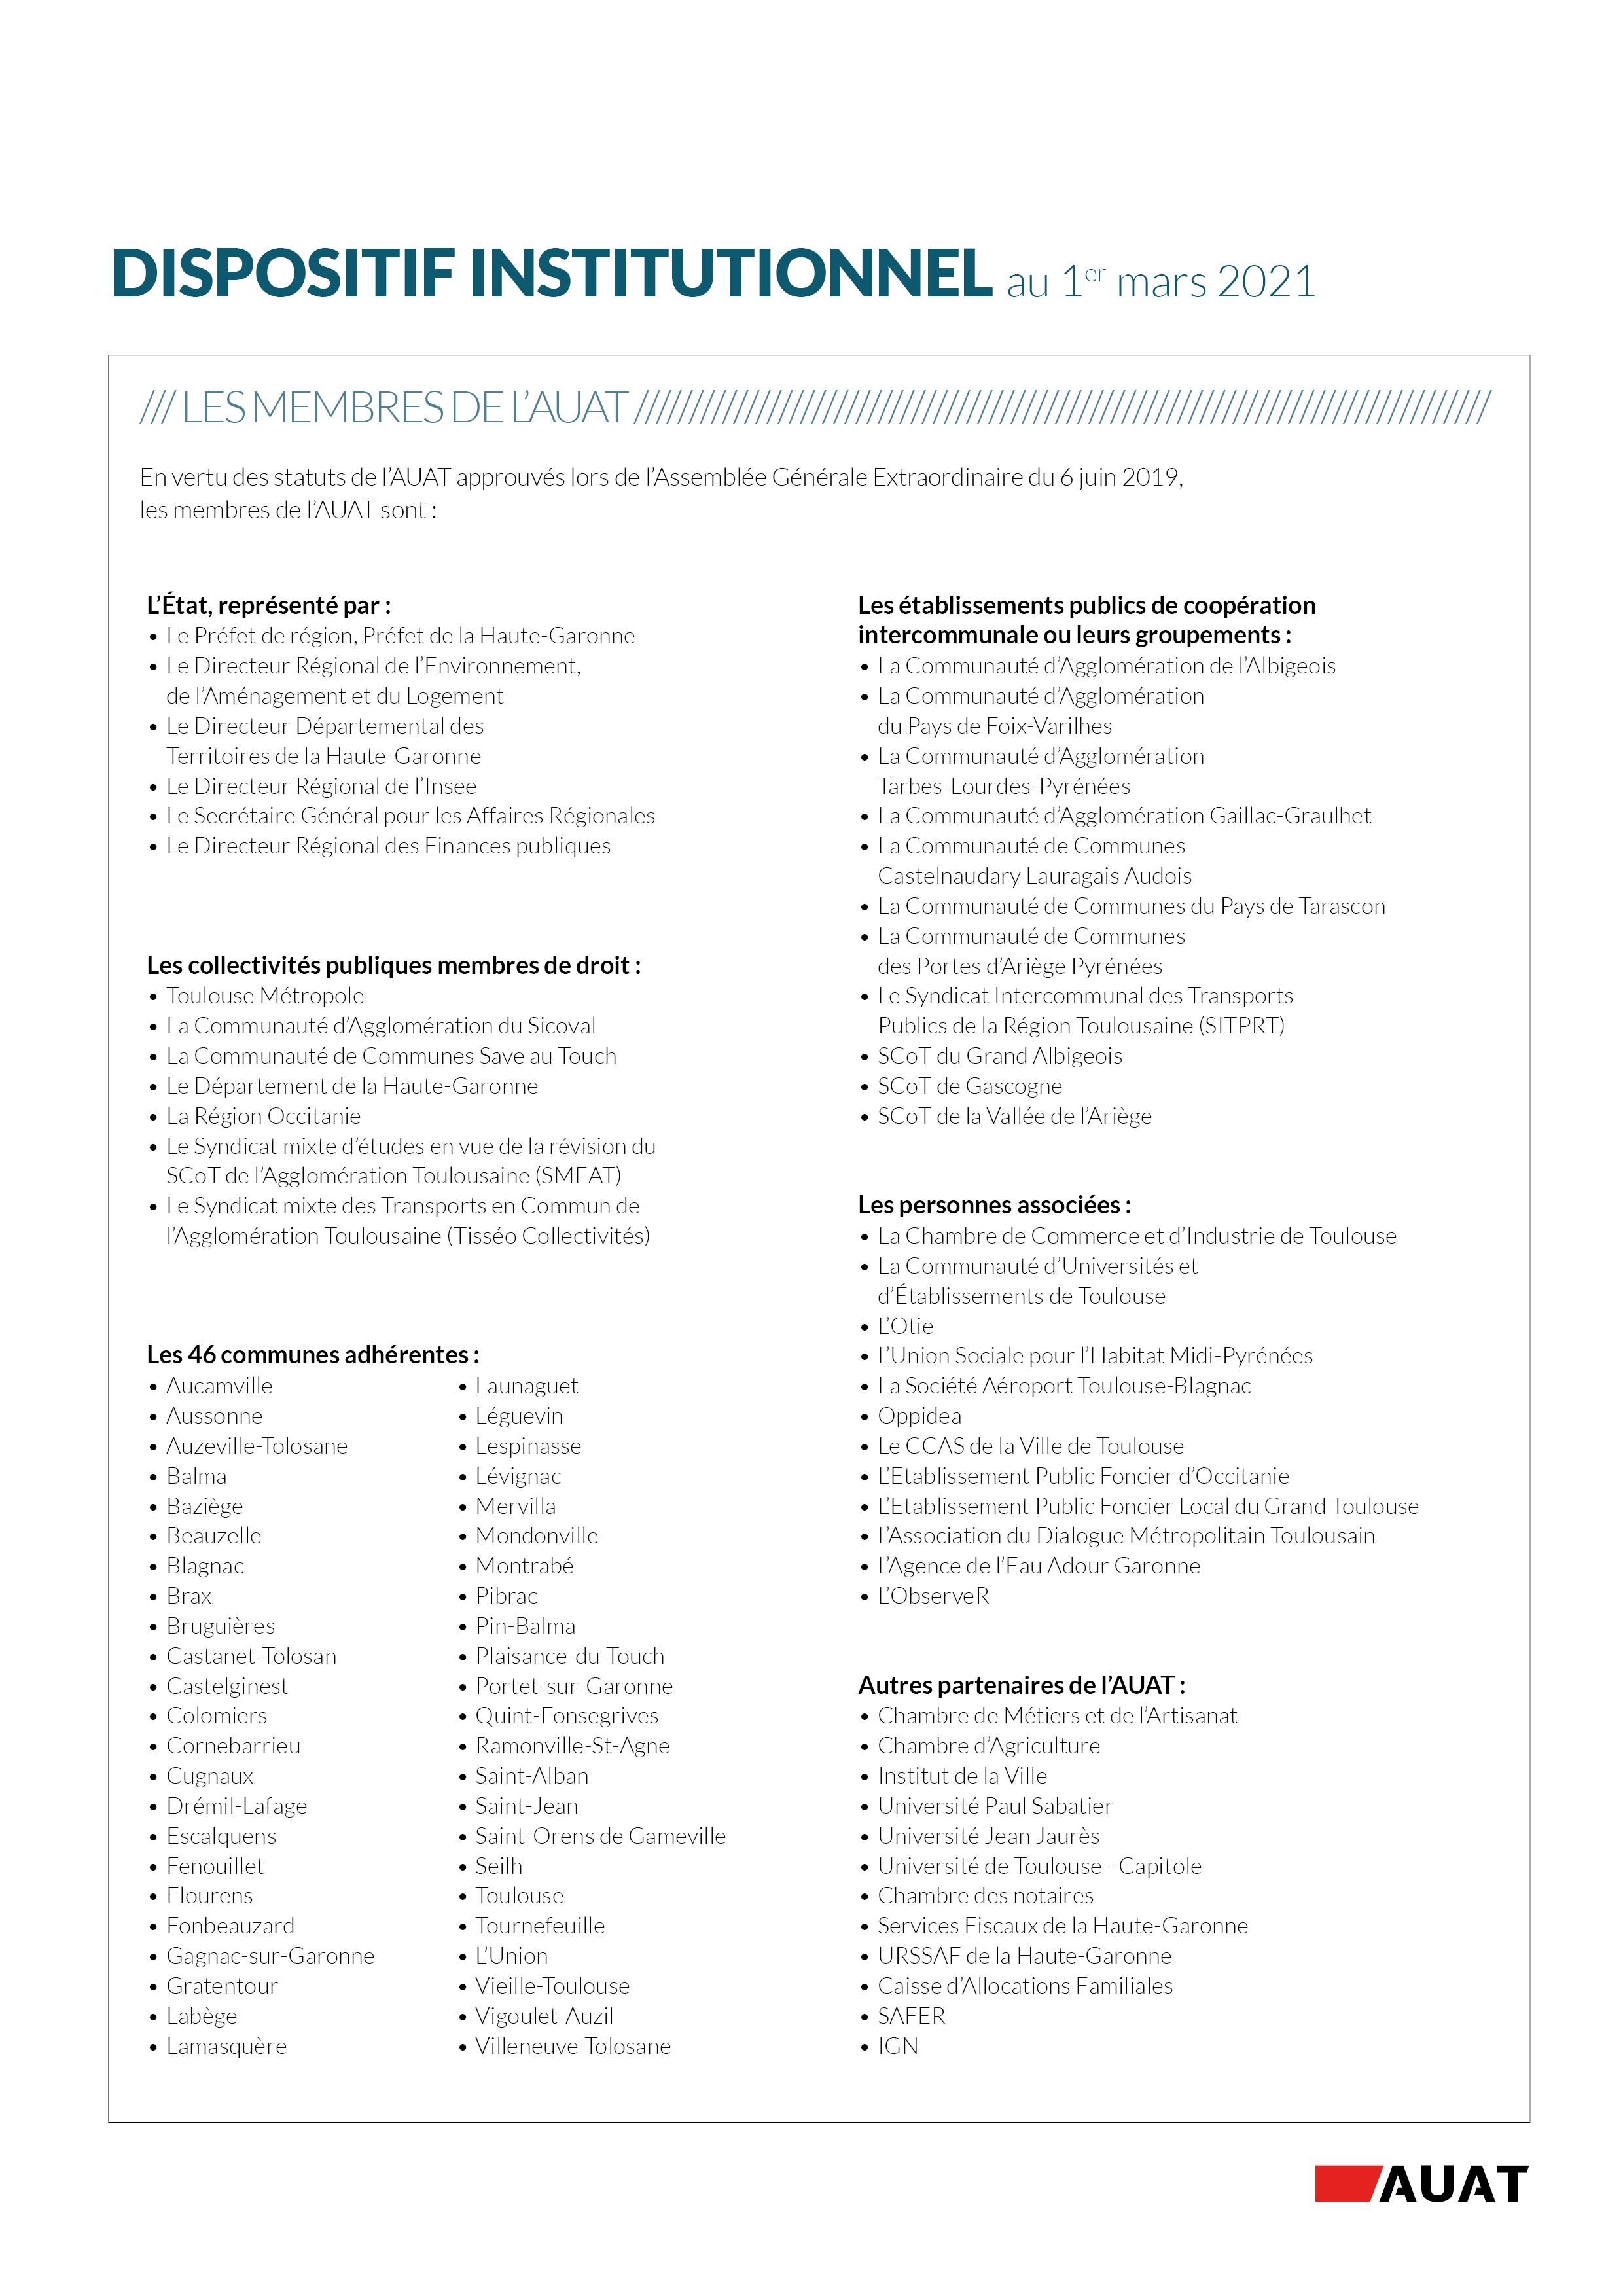 Dispositif_Institutionnel-octobre-2020